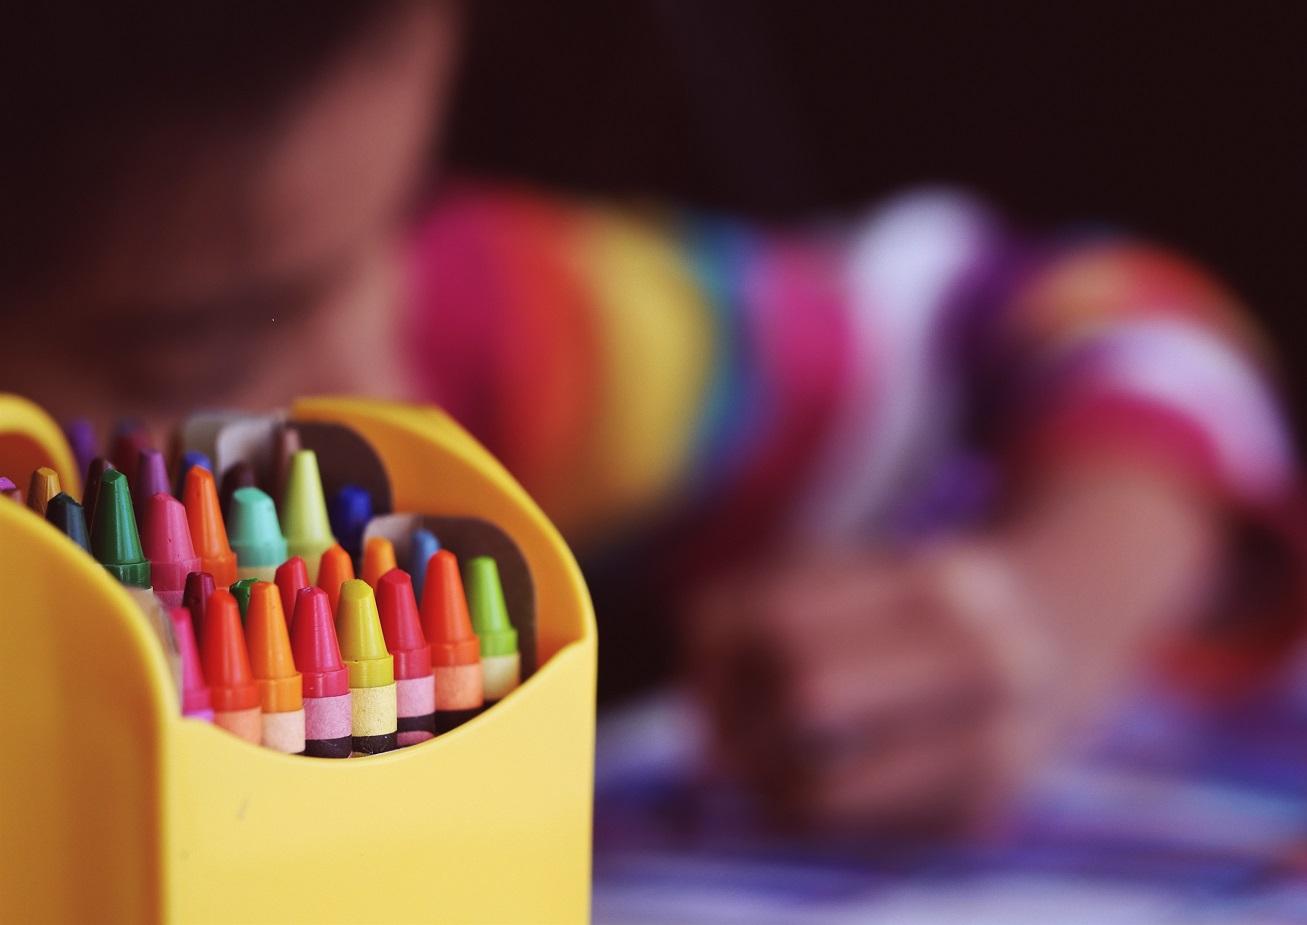 ارائه کتاب کودک رایگان «داستان من» برای مبارزه با کرونا